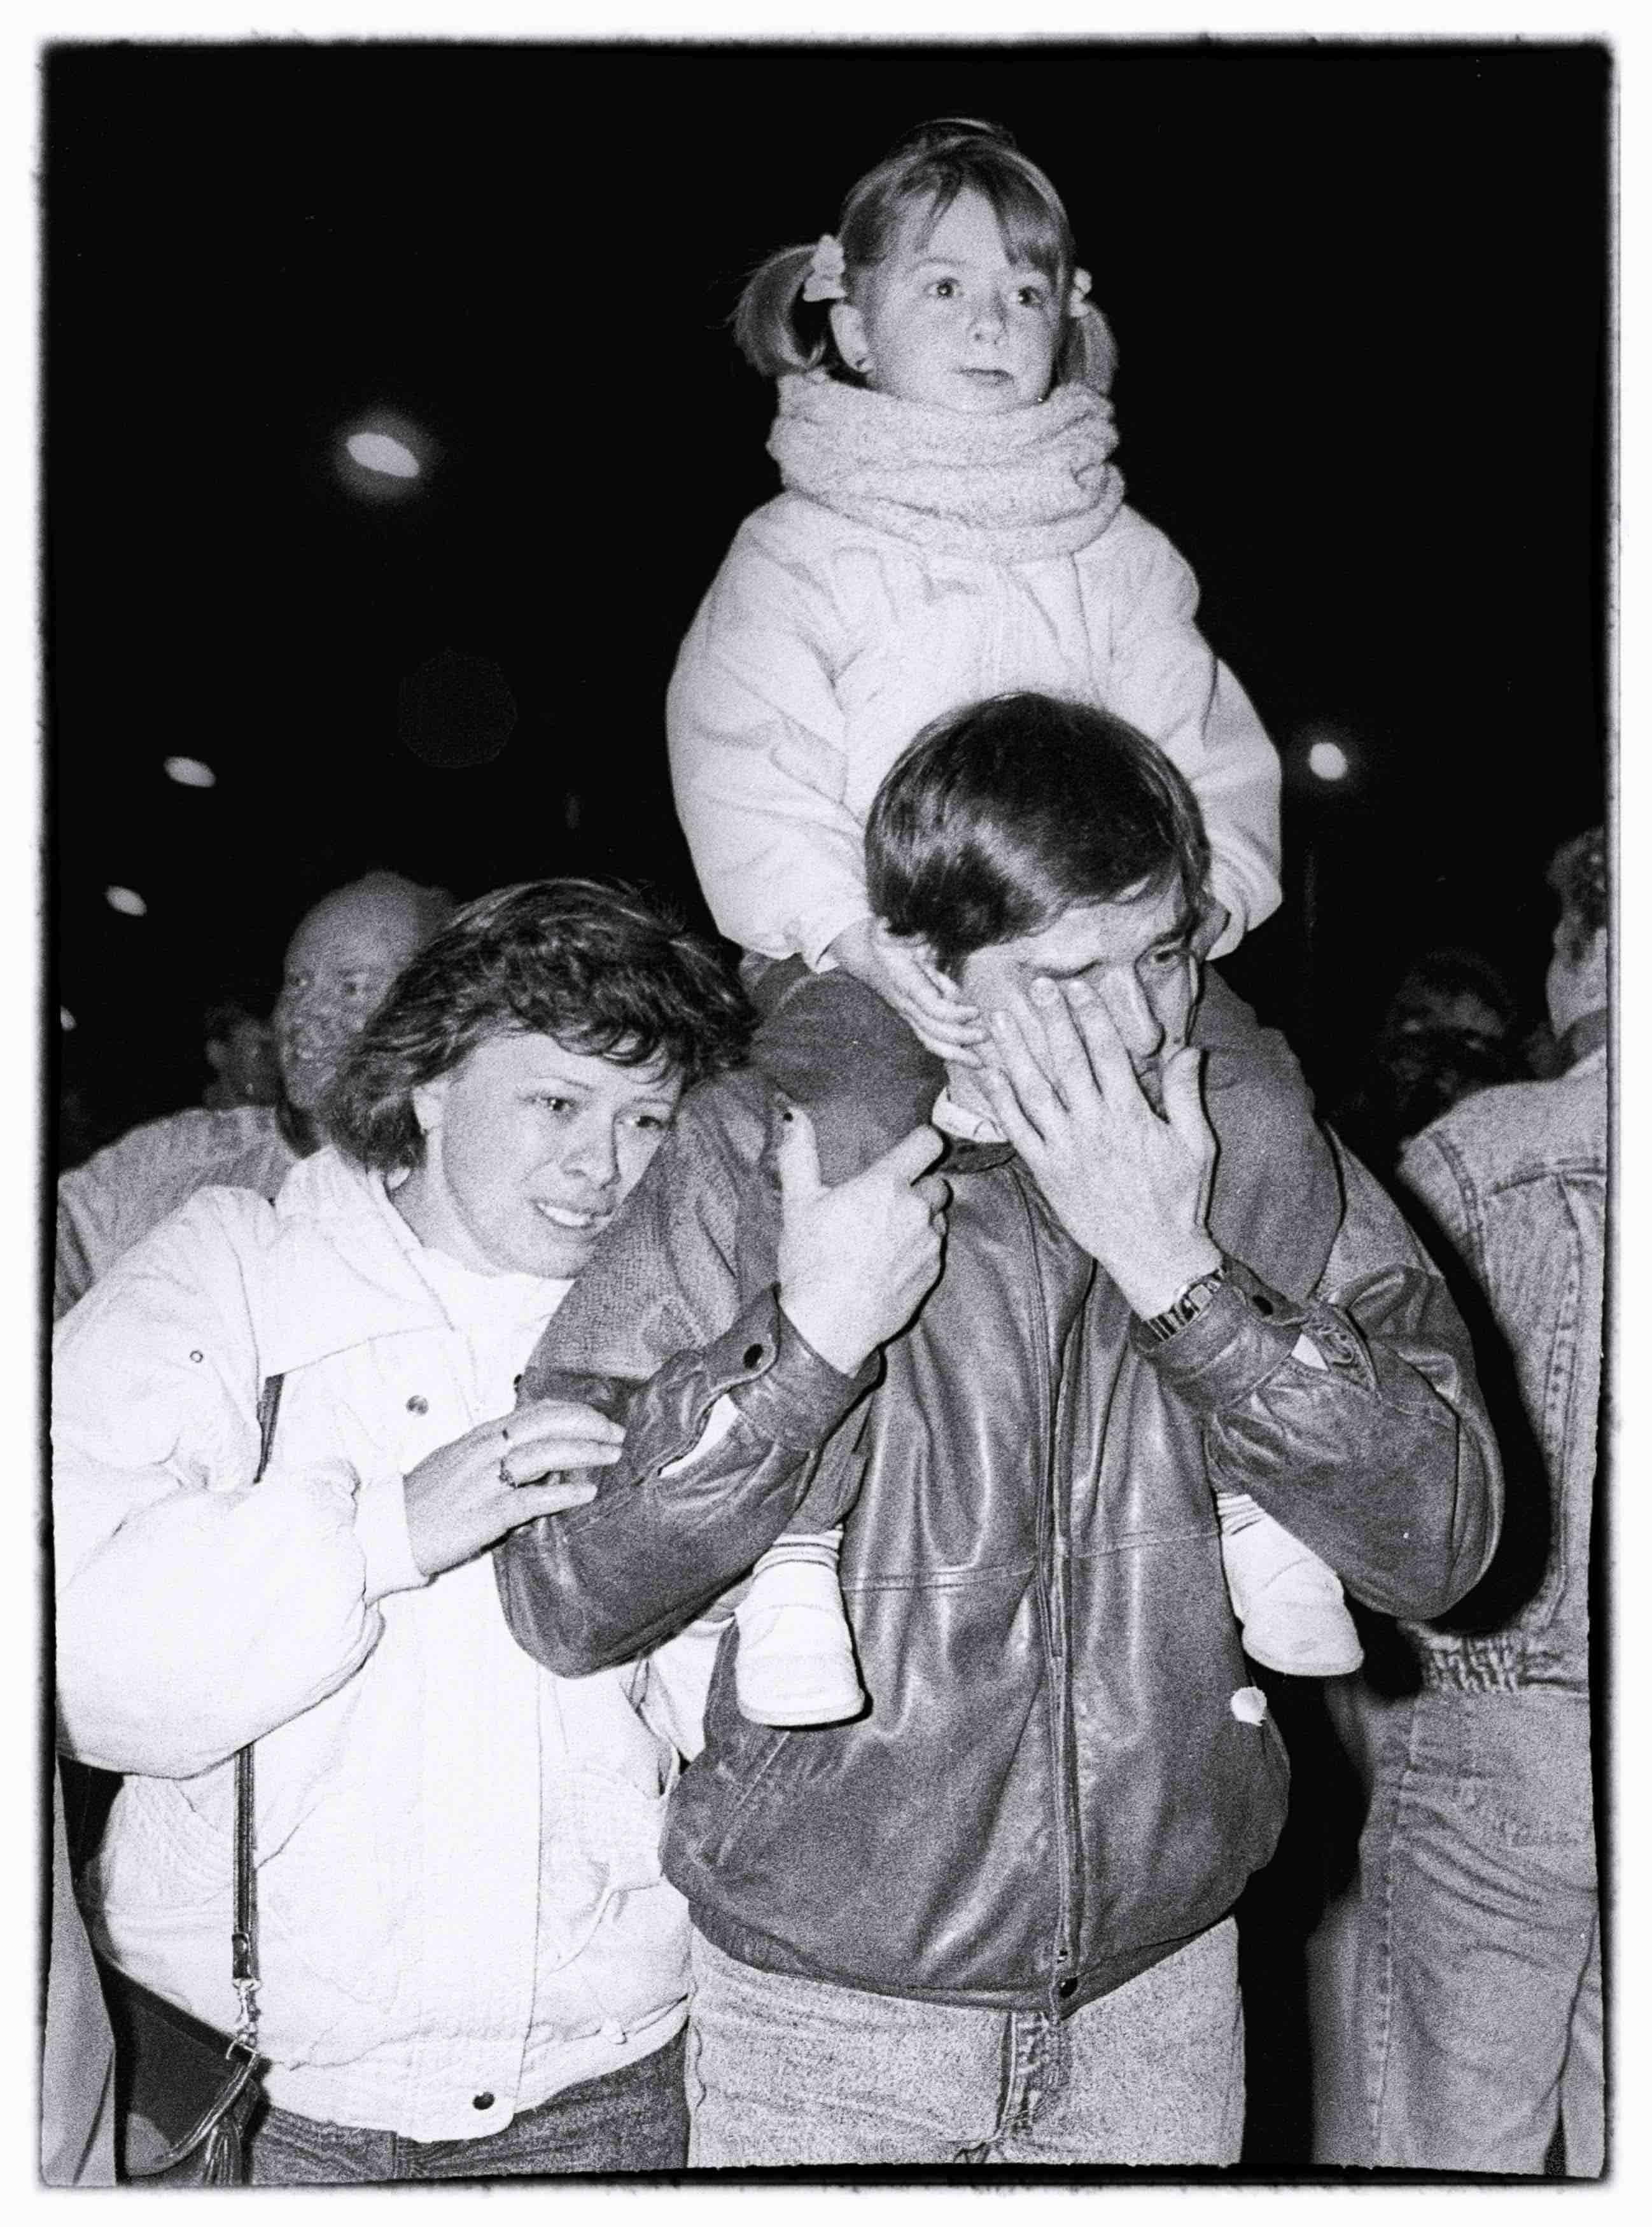 Mario Laporta_Il muro è caduto_1989_Tiratura 150_Stampa Giclée Fine Art su carta Hahnemuehle Baryta, 315 g_Courtesy l'artista